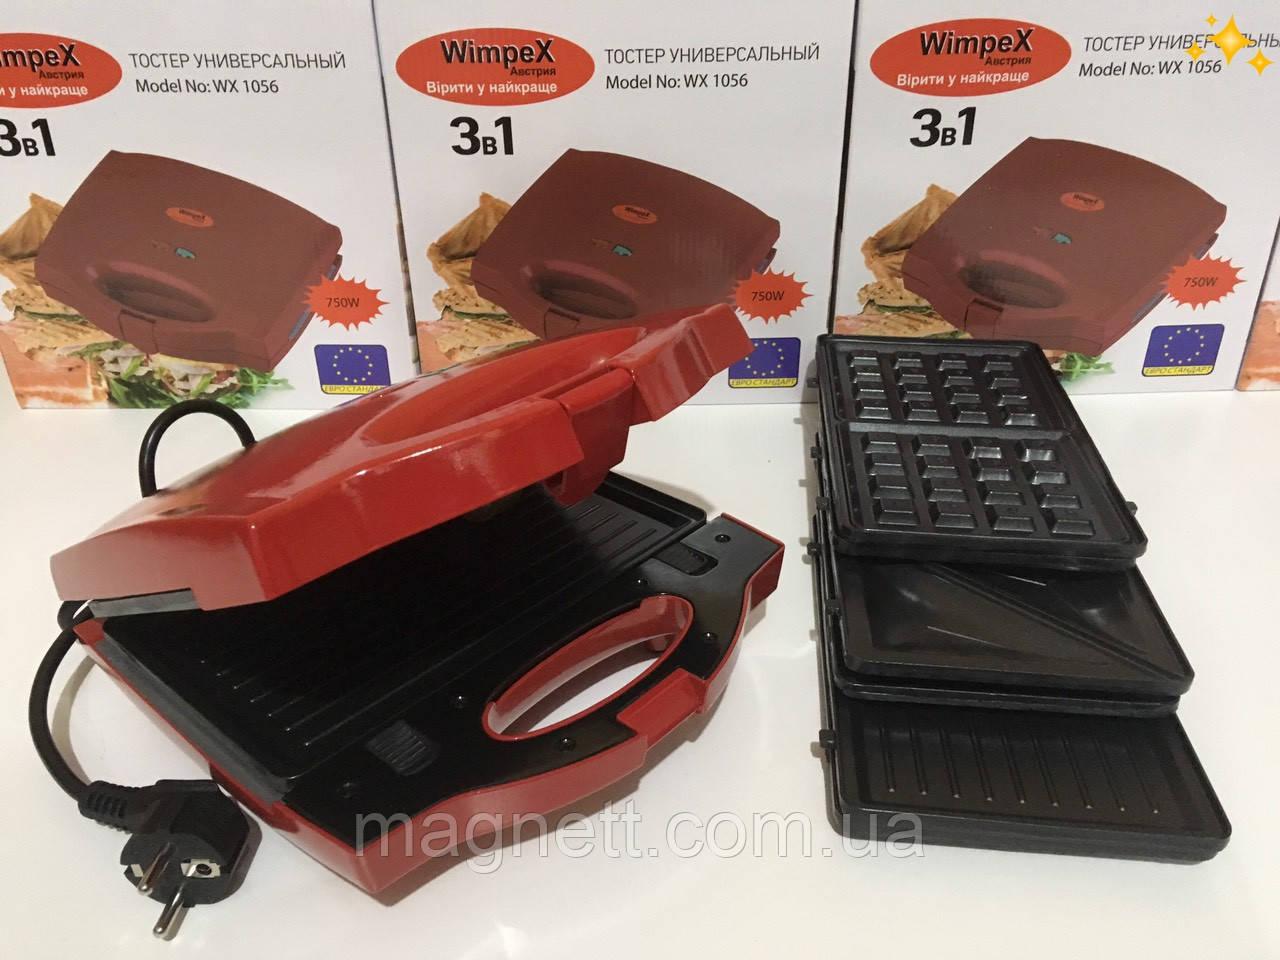 Тостер, сендвичница, вафельница 3 в 1 Wimpex WX-1056  750Вт